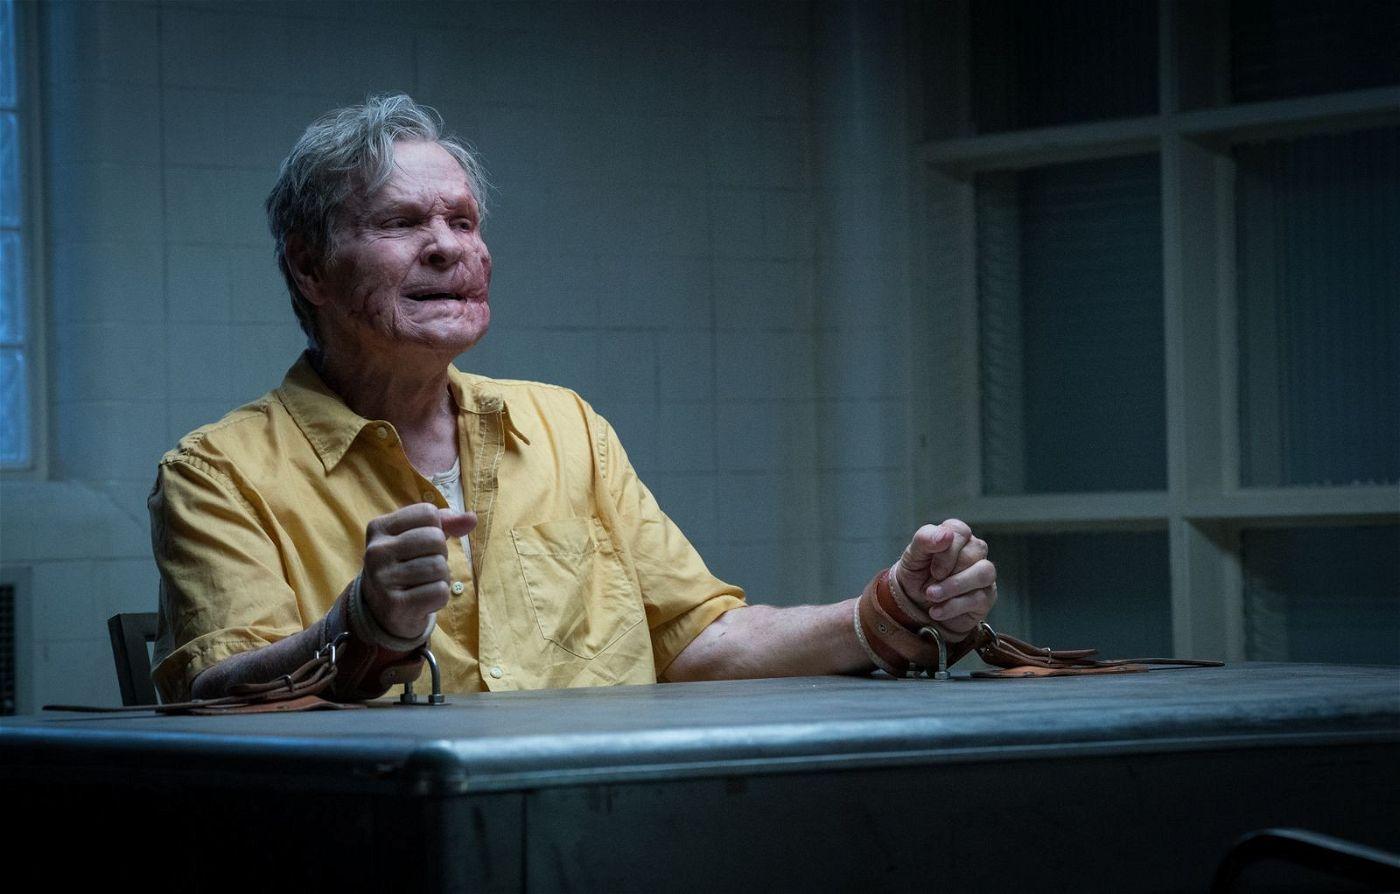 Der Ex-Cop Wilson (William Sadler) ist über einen alten Fall verrückt geworden, liefert Detective Muldoon allerdings wertvolle Hinweise.